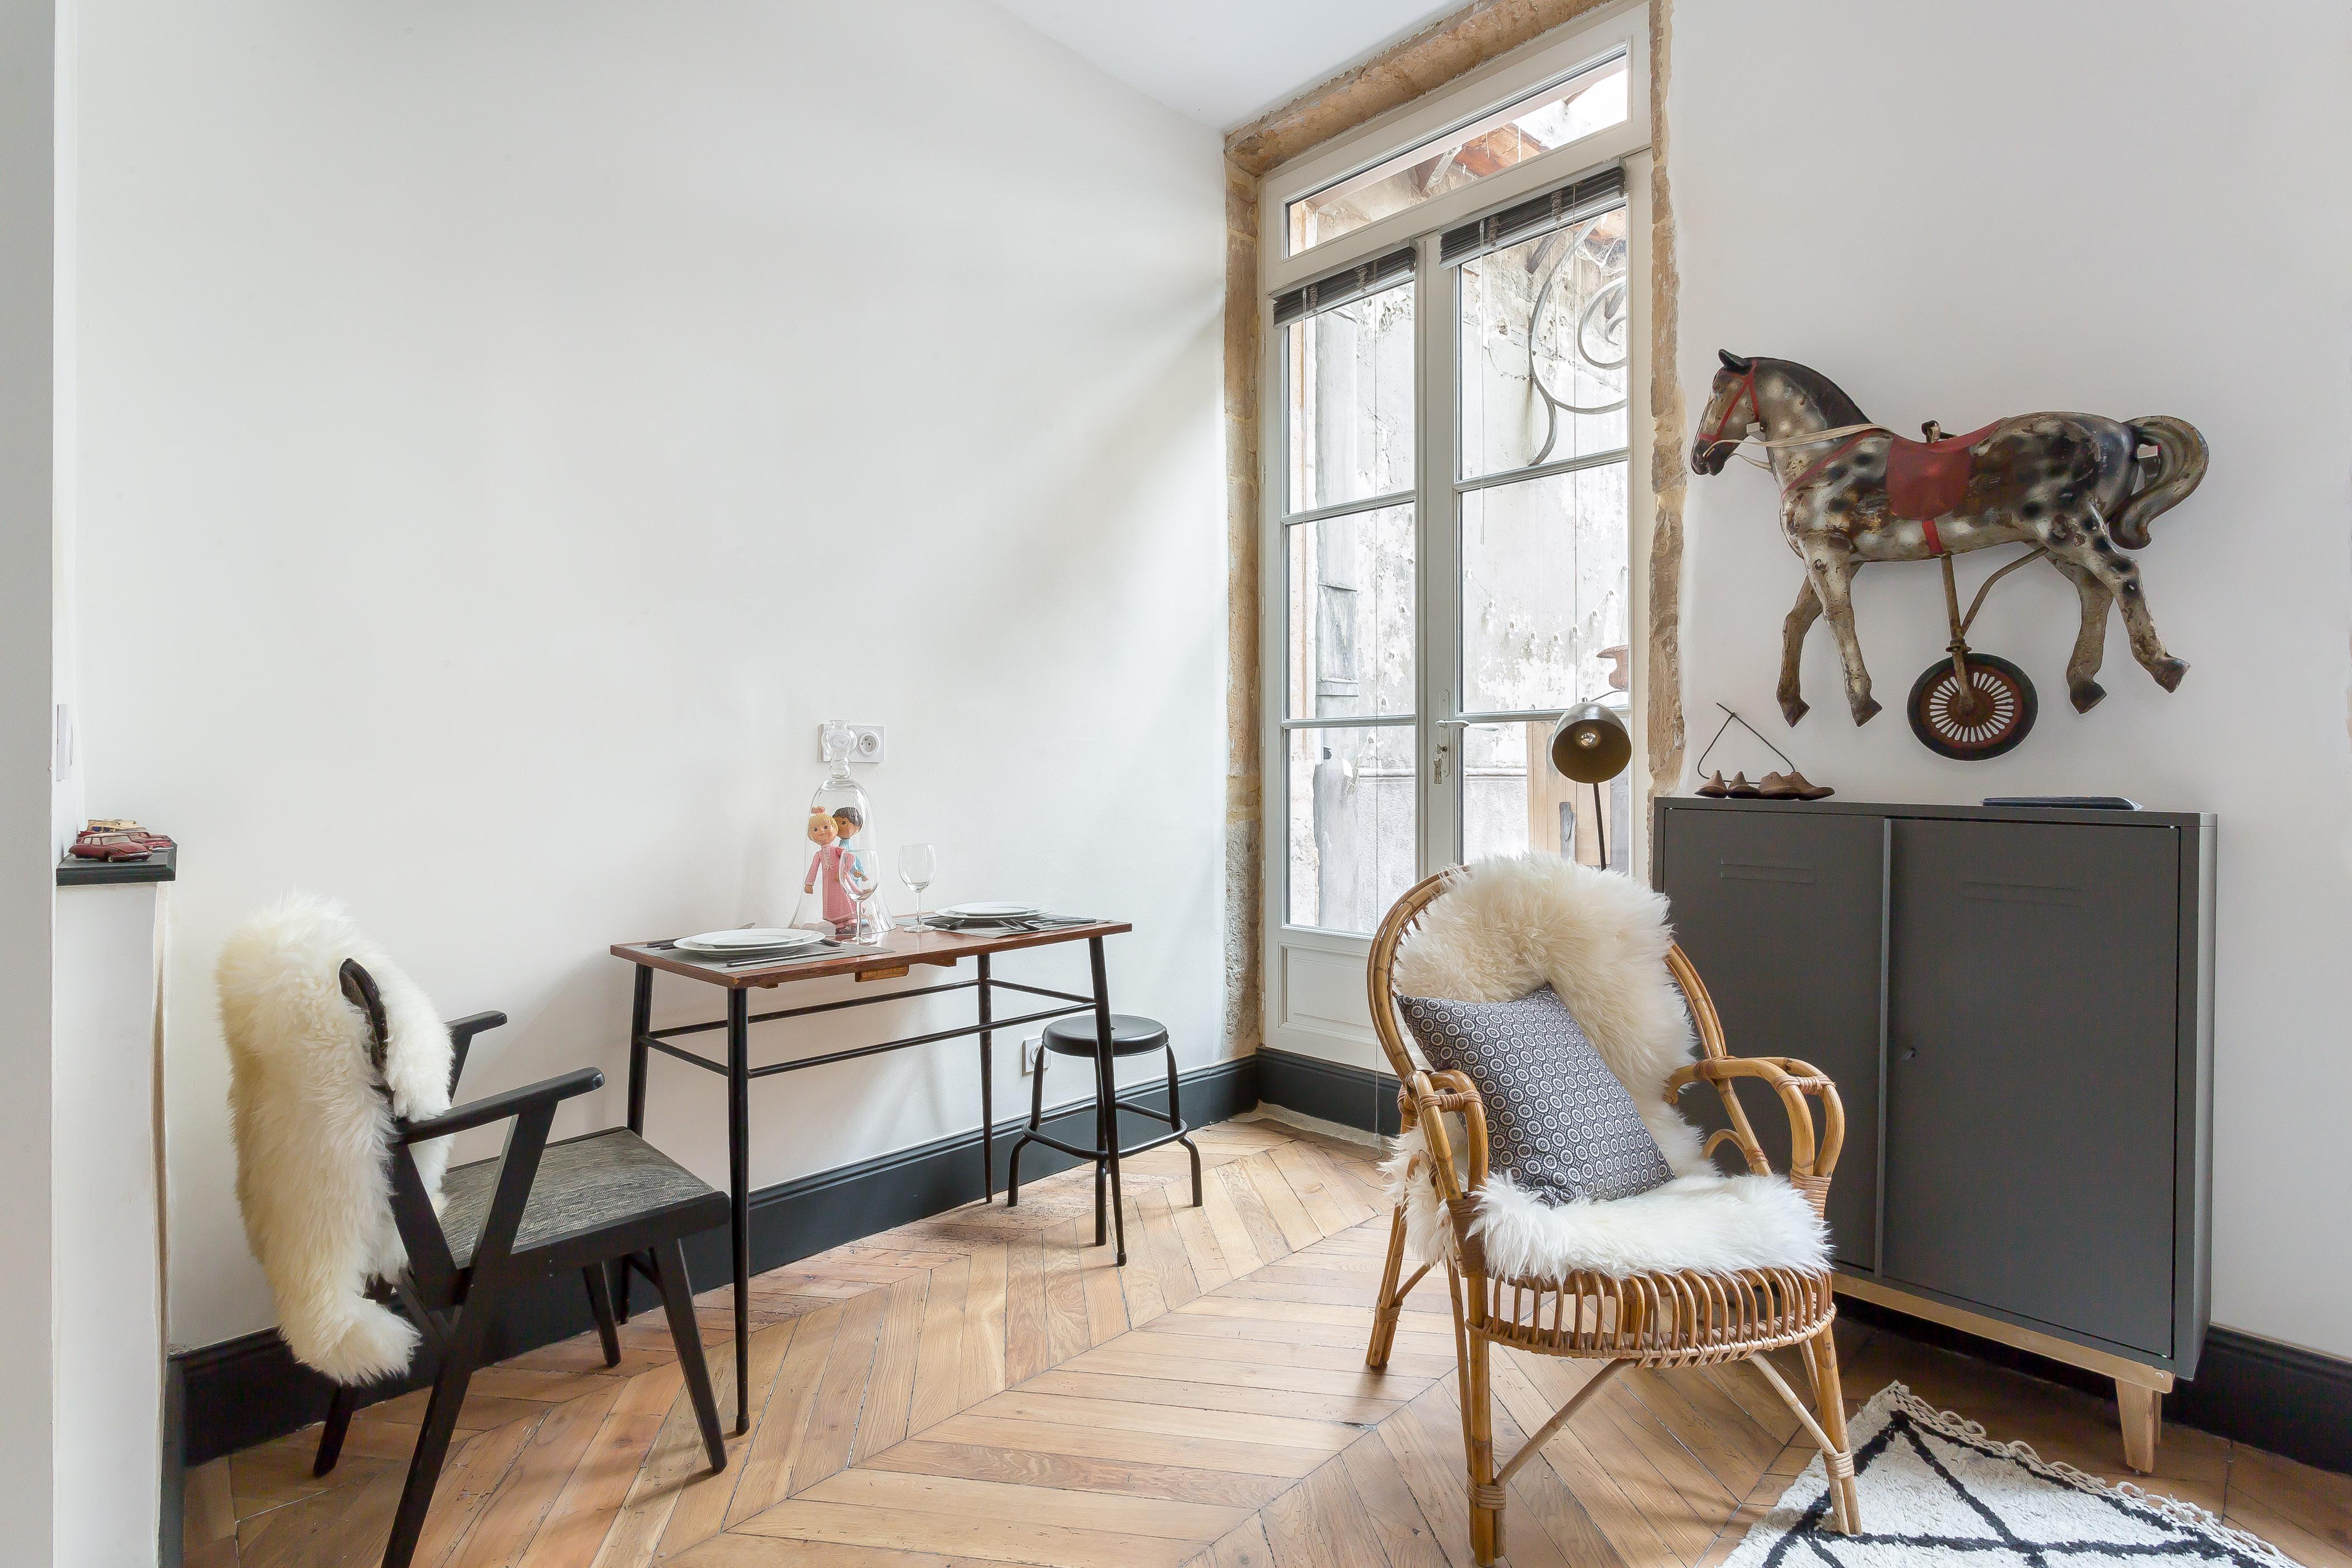 Ferienhaus Milan - Location Studio - Lyon 1 (2295921), Lyon, Ardèche-Drôme, Rhône-Alpen, Frankreich, Bild 4